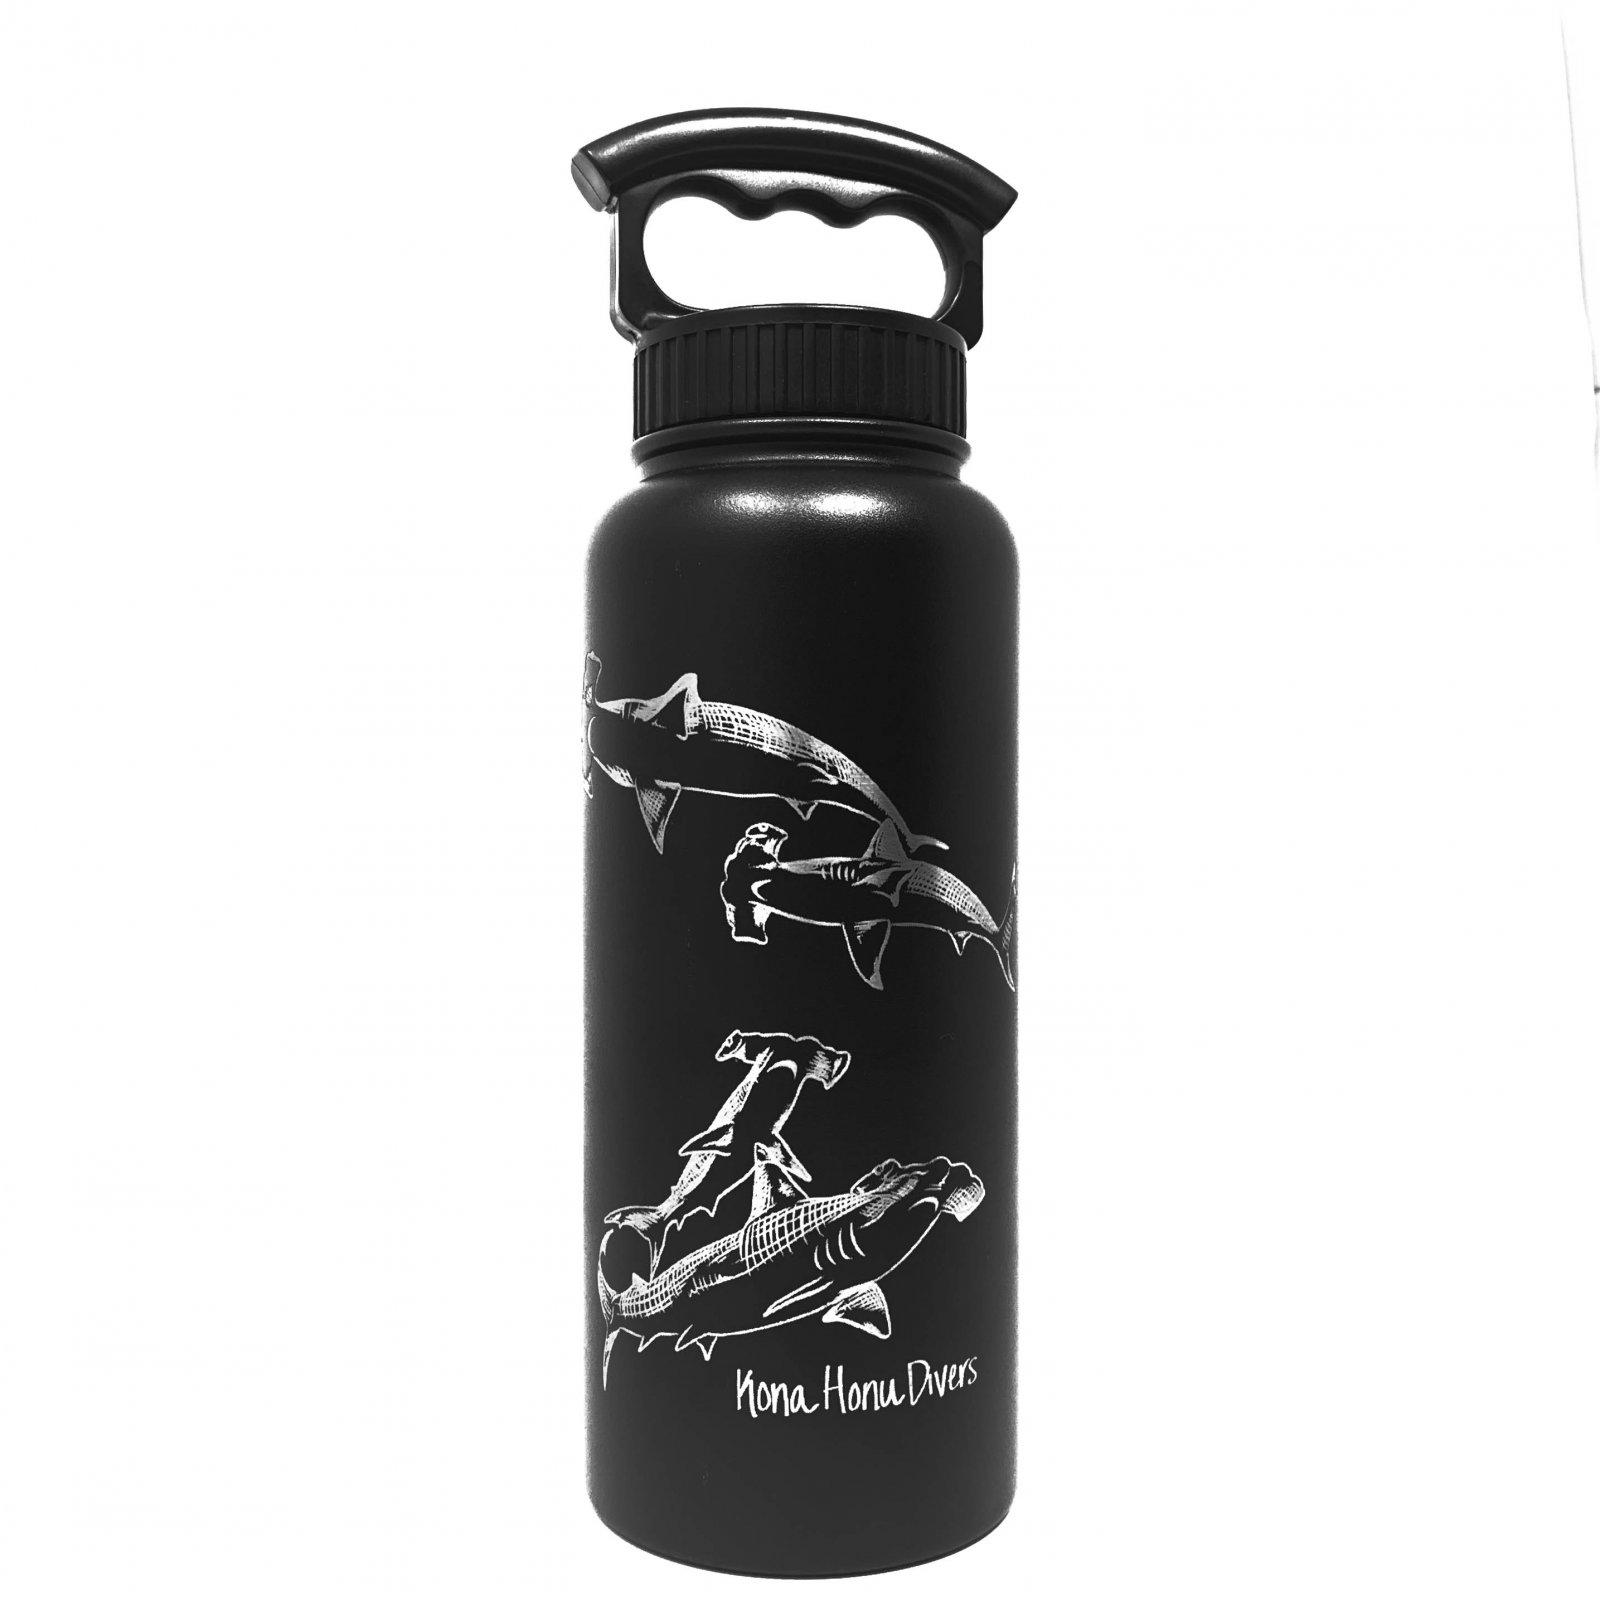 Hammerhead School 50/50 Flask